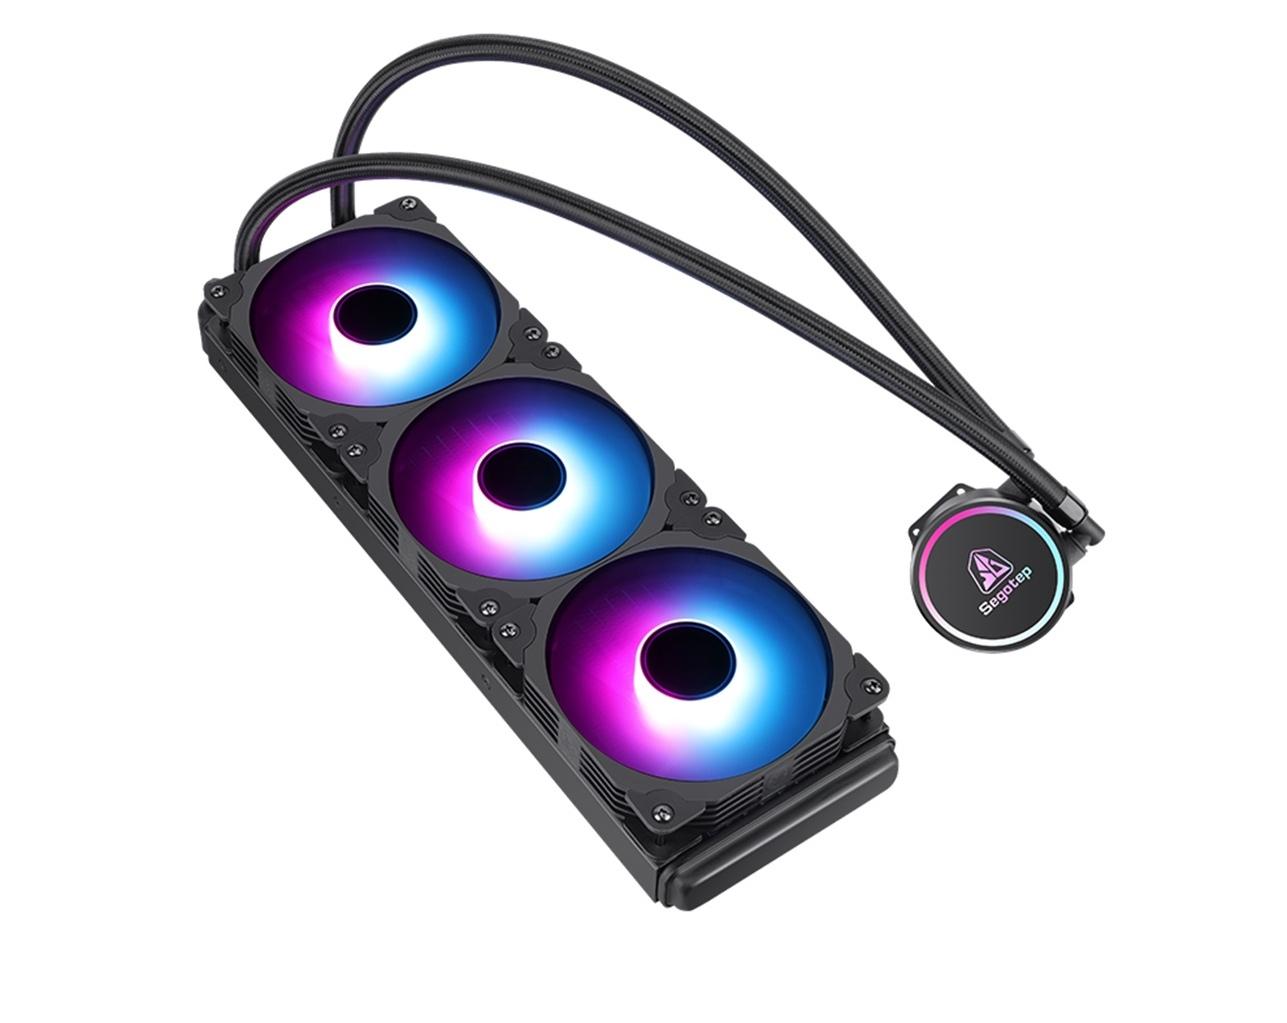 鑫谷(Segotep)冰酷360S发光水冷CPU散热器(温控彩灯风扇/一体式360冷排/8级马达/多平台扣具/2年质保)